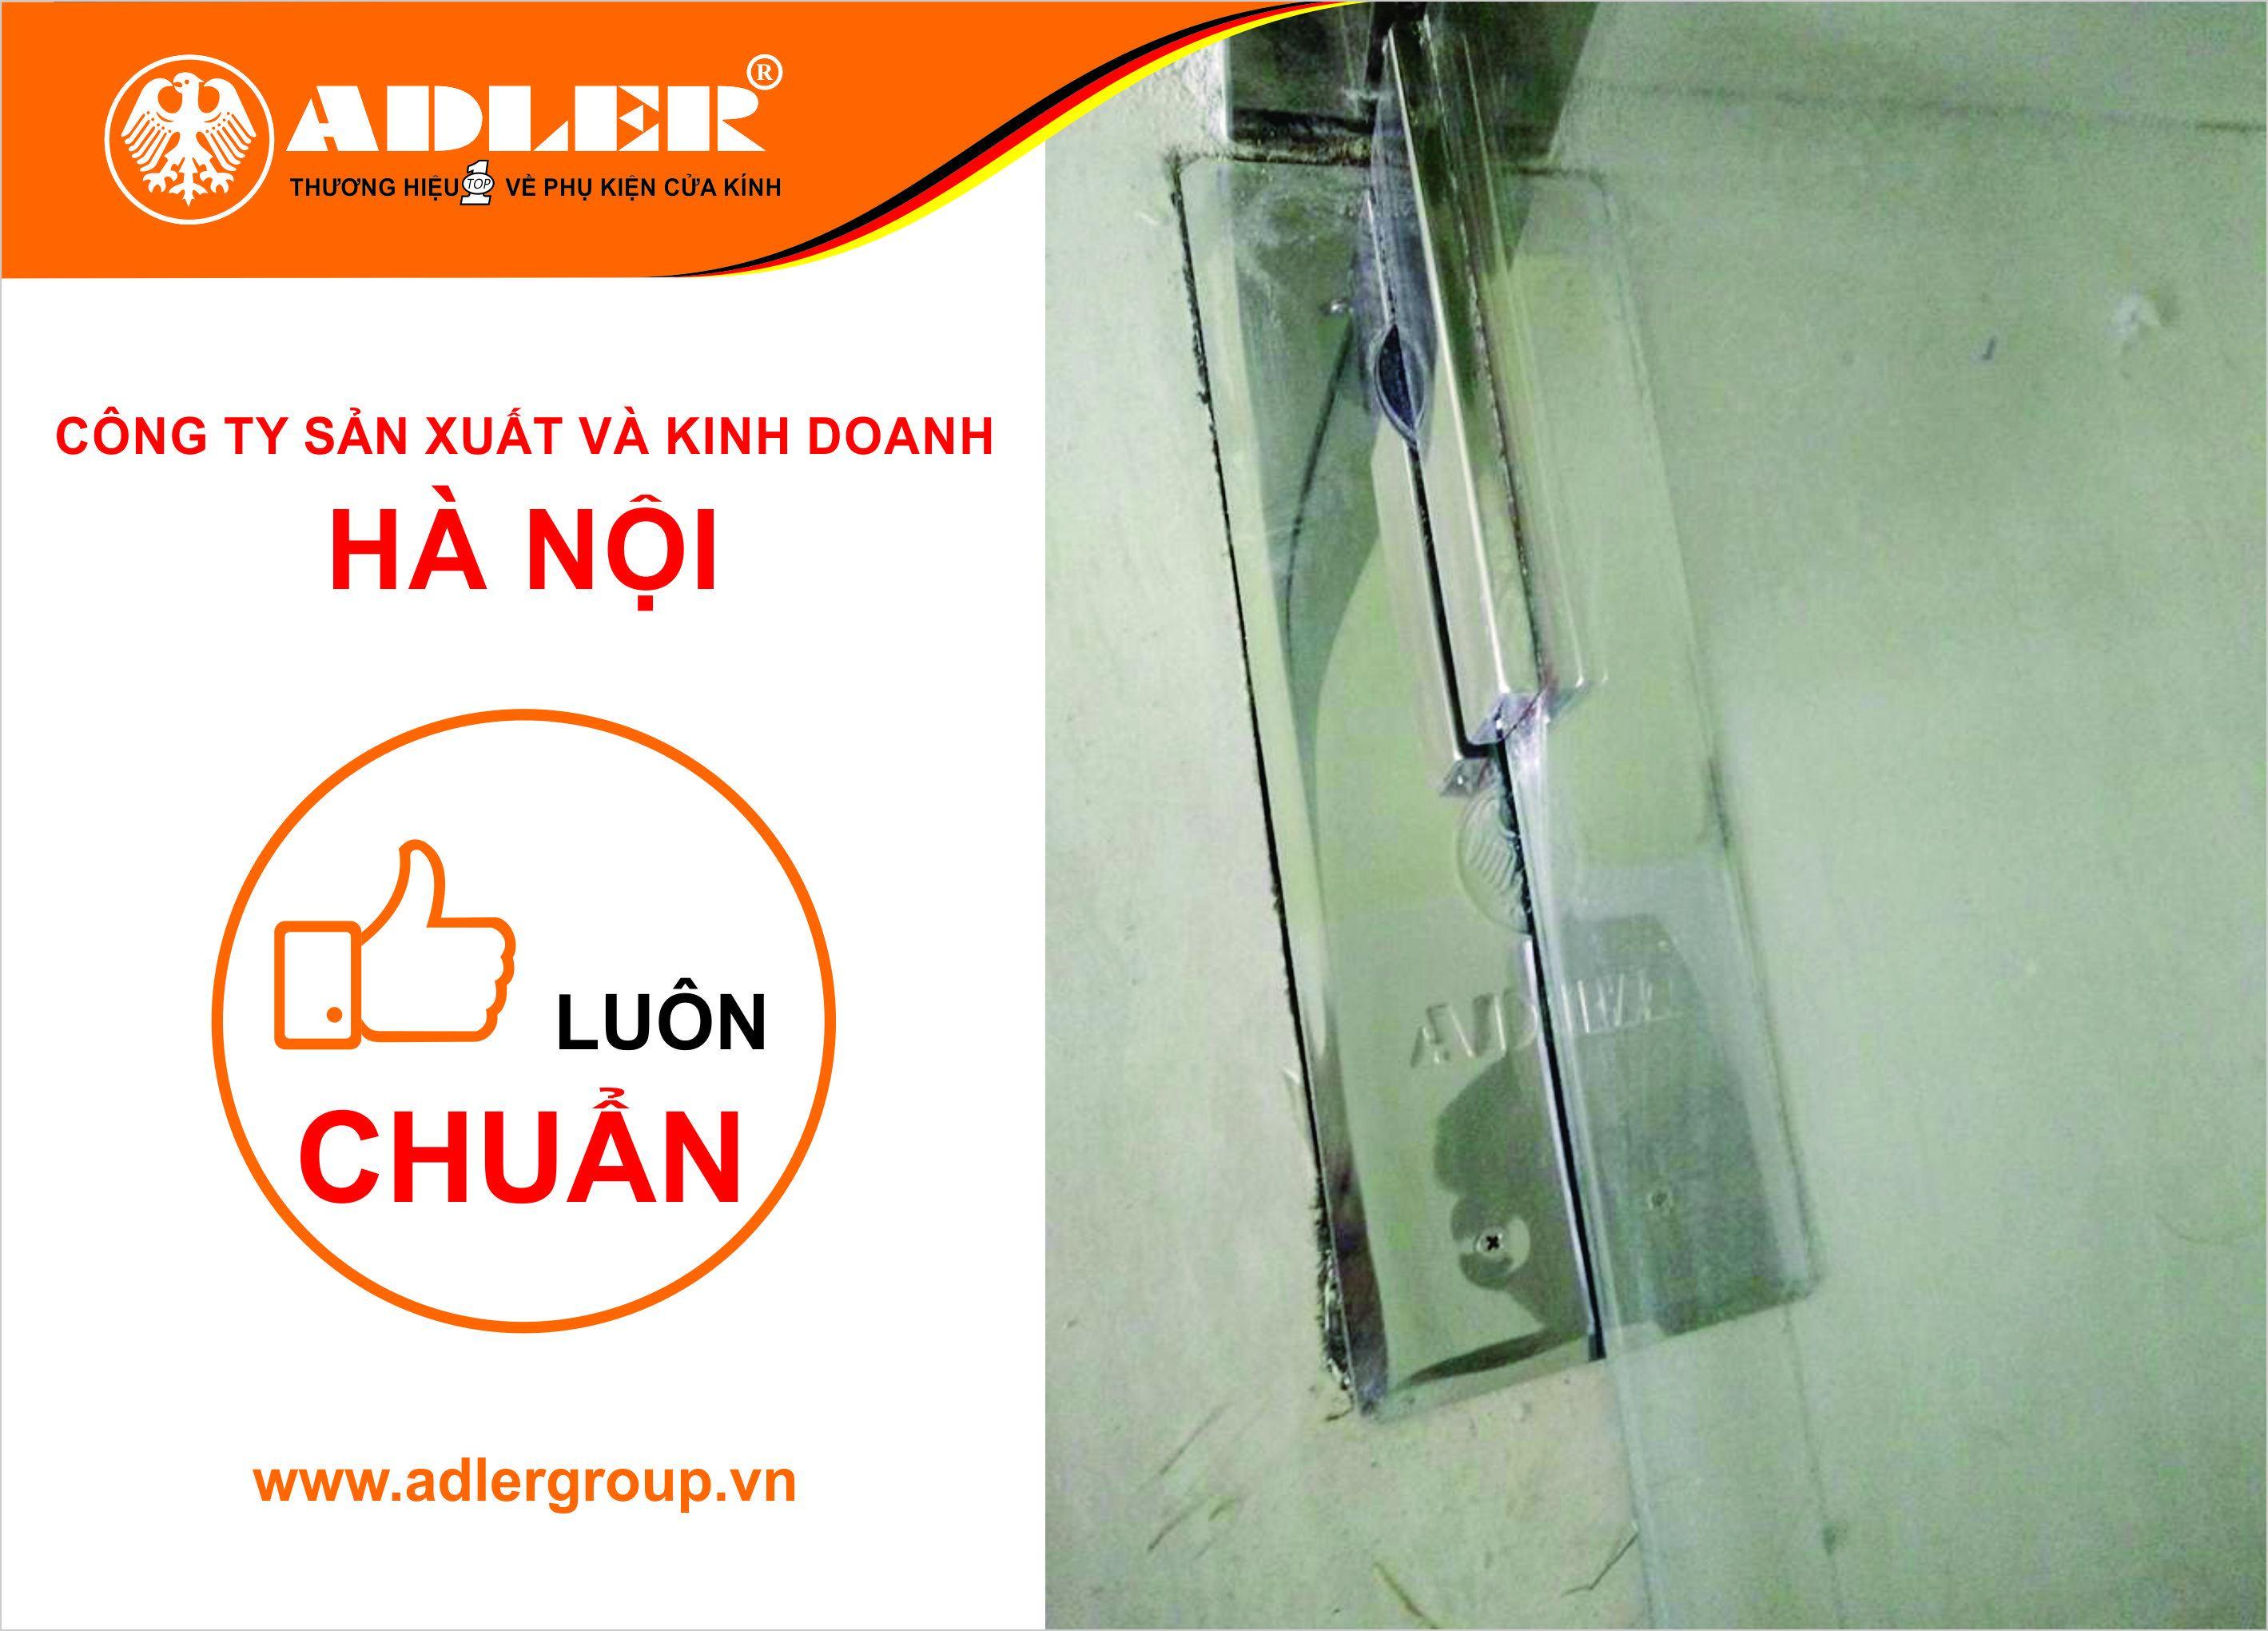 Công ty sản xuất và kinh doanh Hà Nội luôn chuẩn cùng bản lề sàn Adler